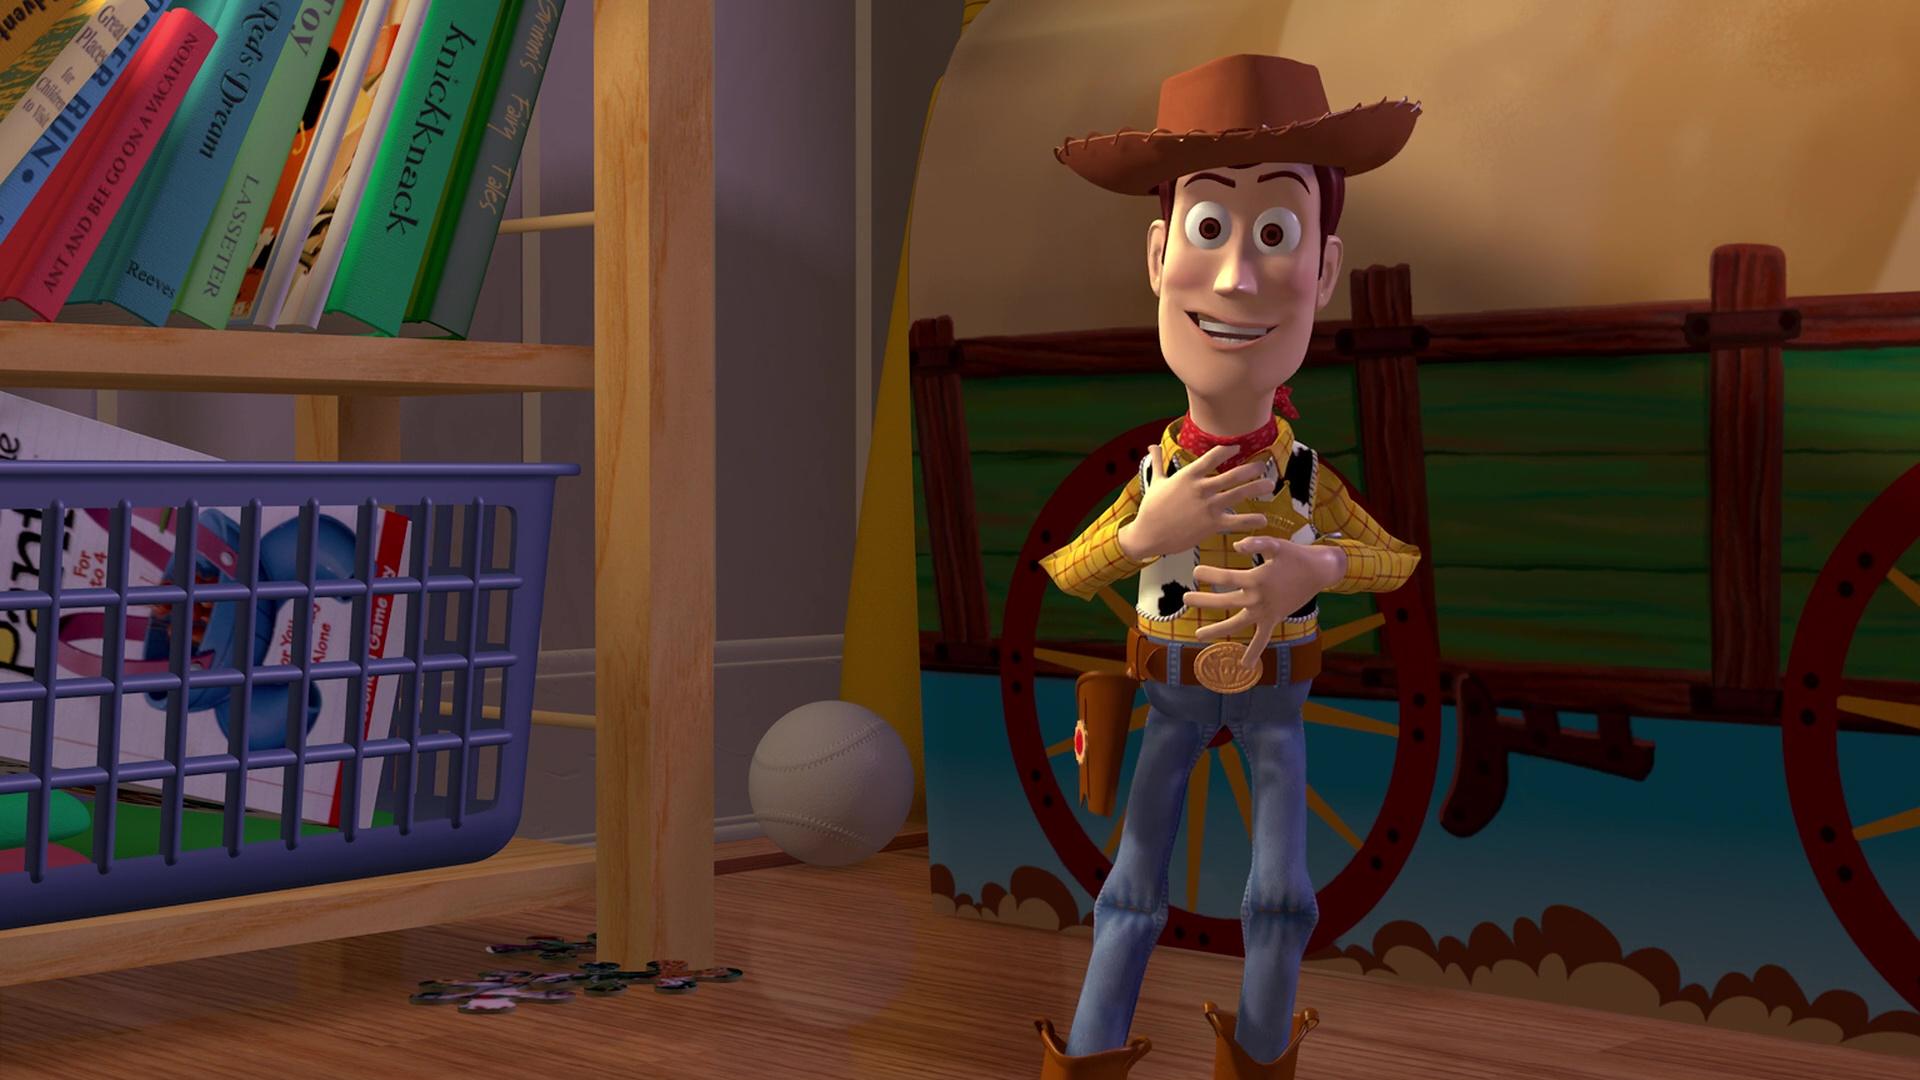 File:Woody 004.jpg